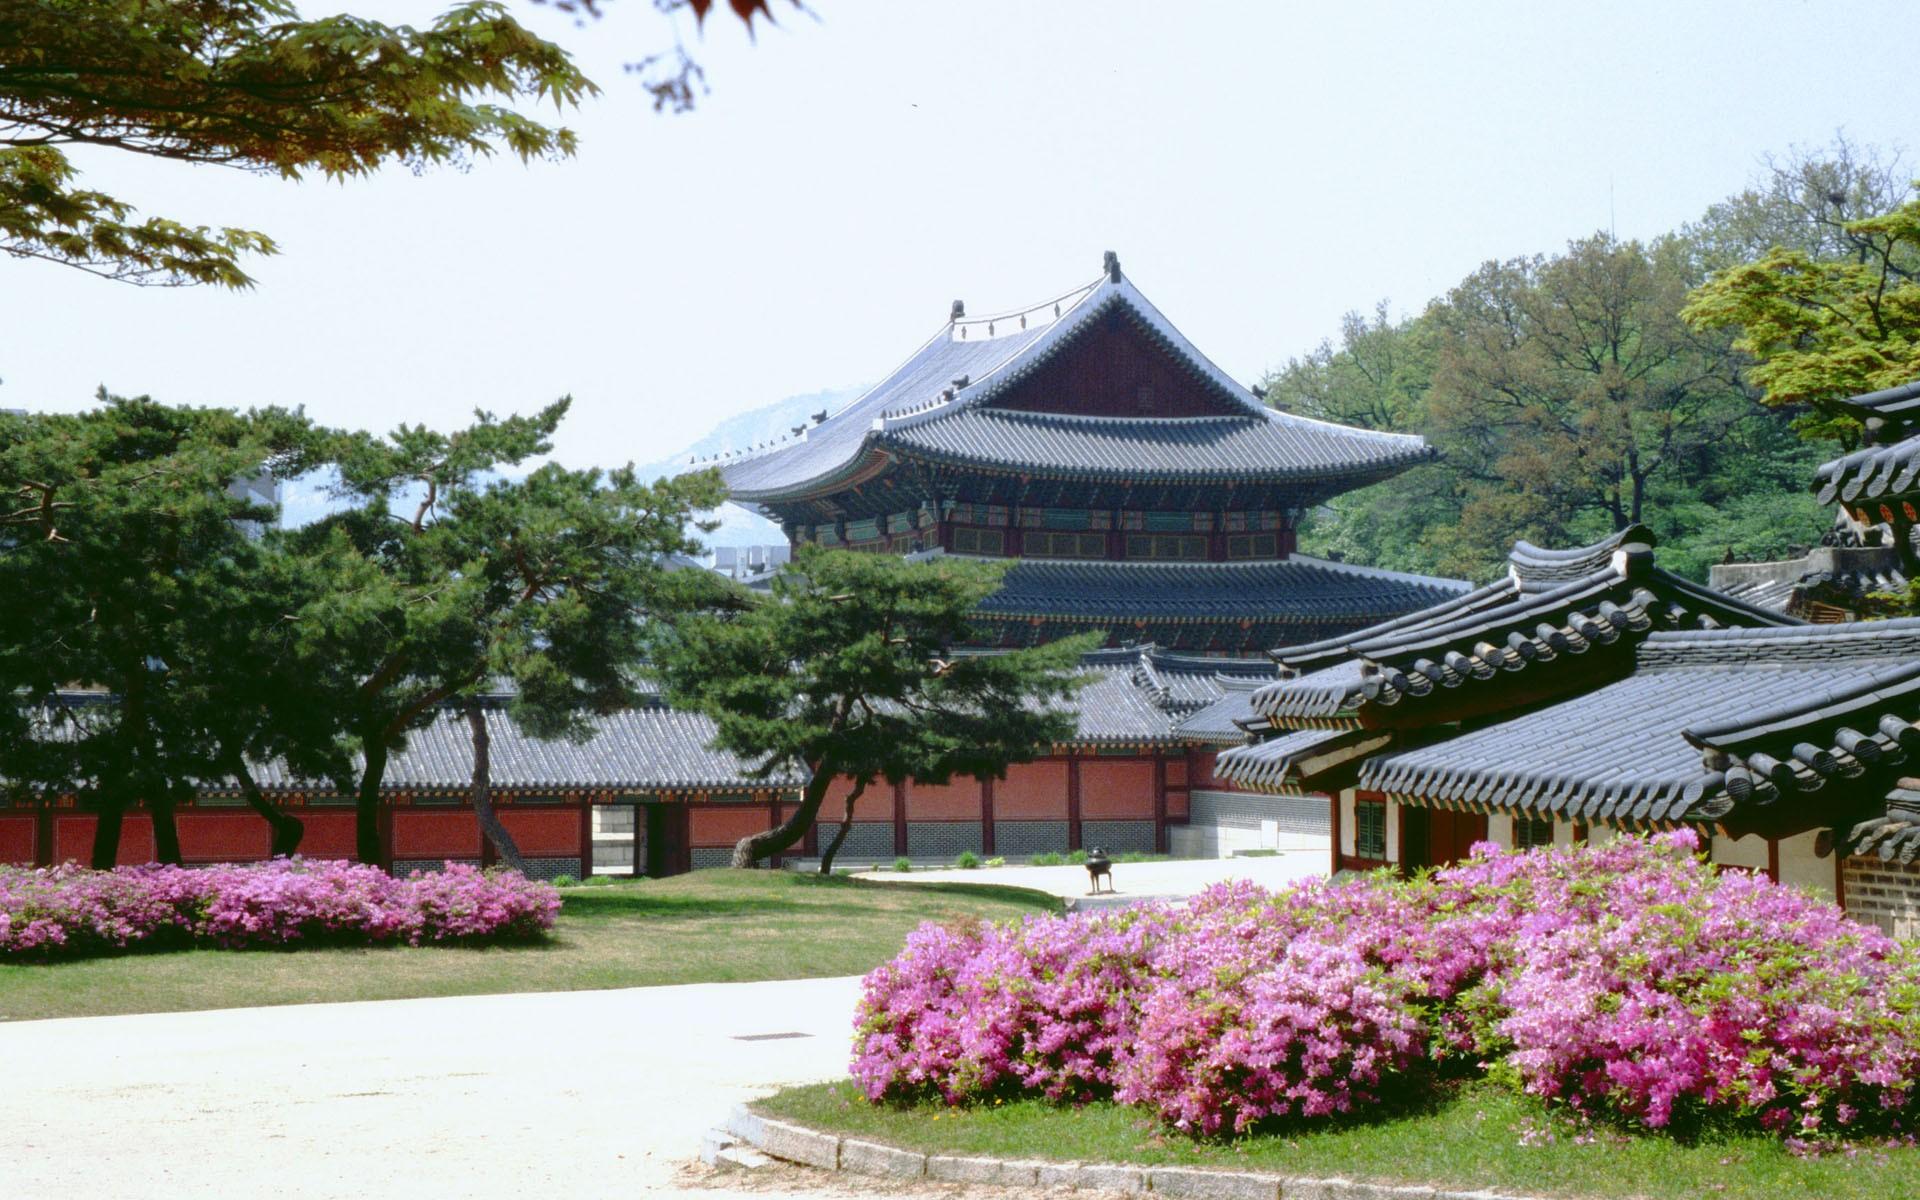 Организация корейских похорон. Похоронные обычаи корейцев.